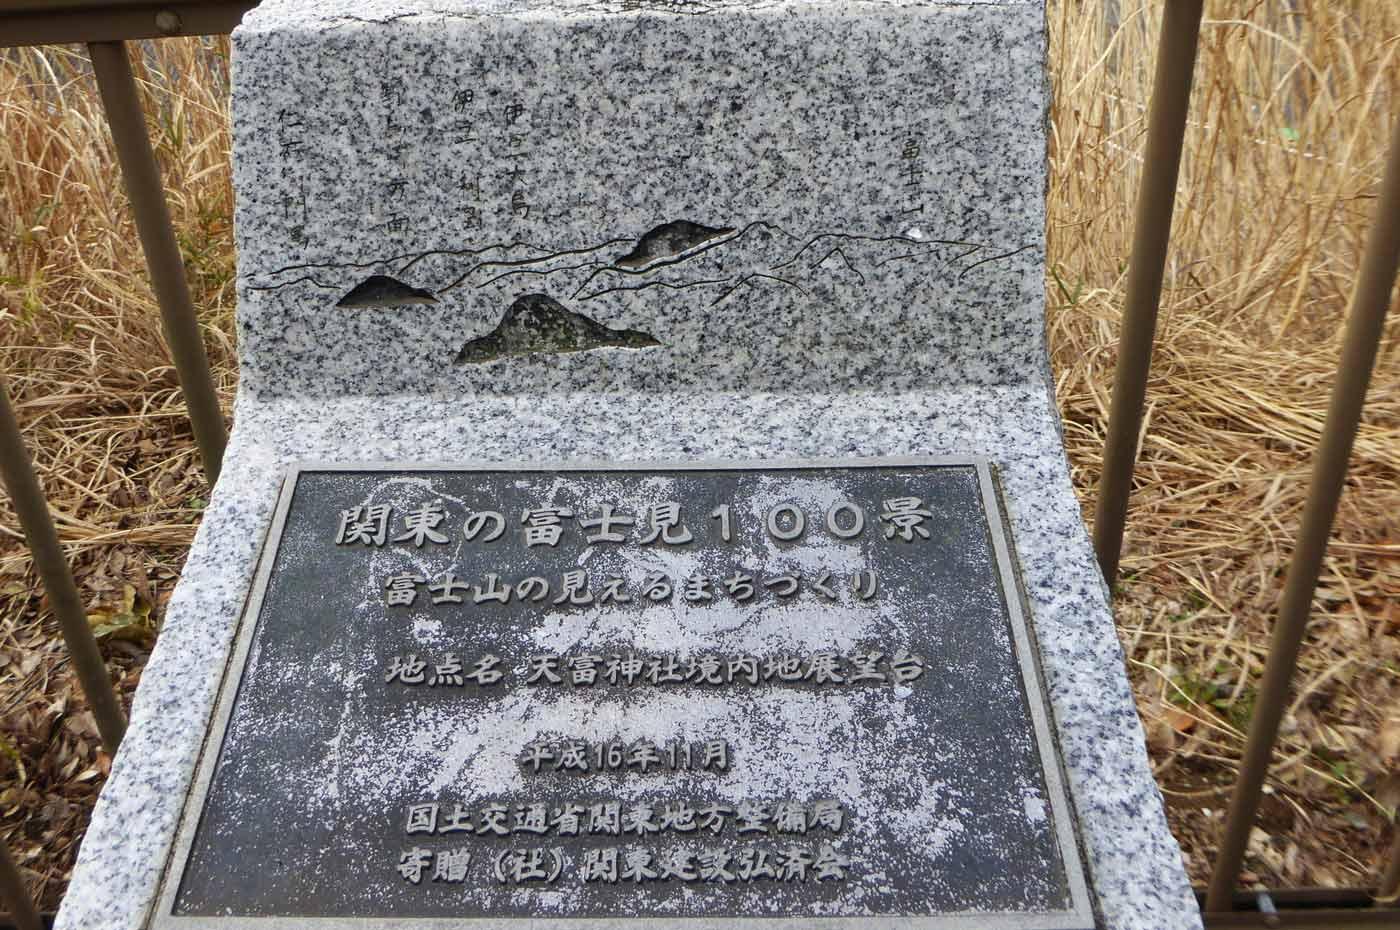 関東の富士見100景の石碑